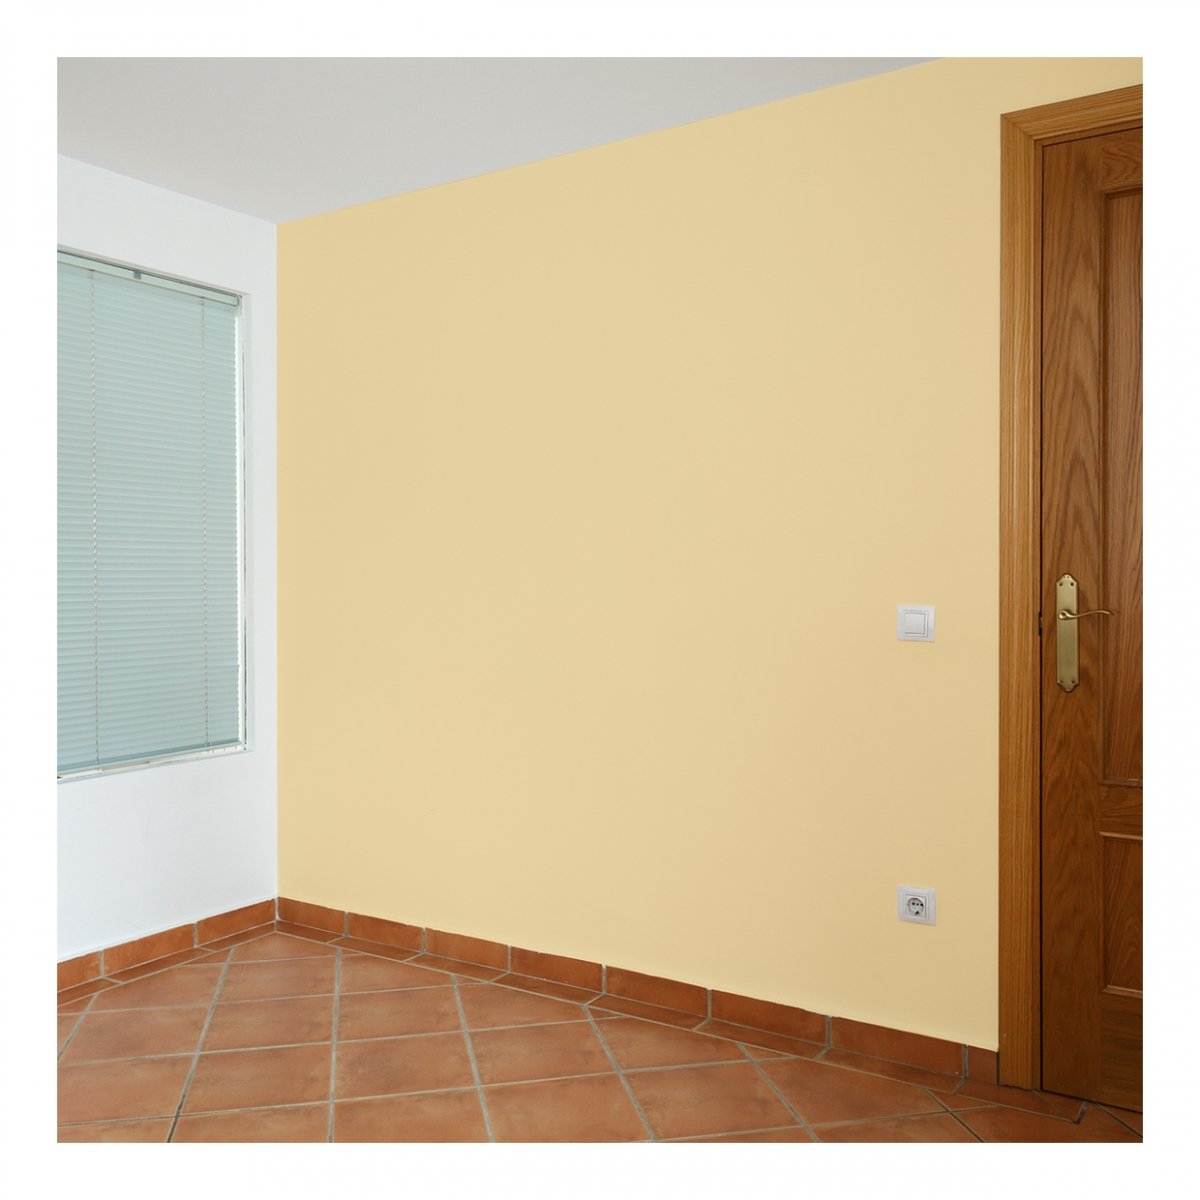 Imagen en la que se ve el concepto pared